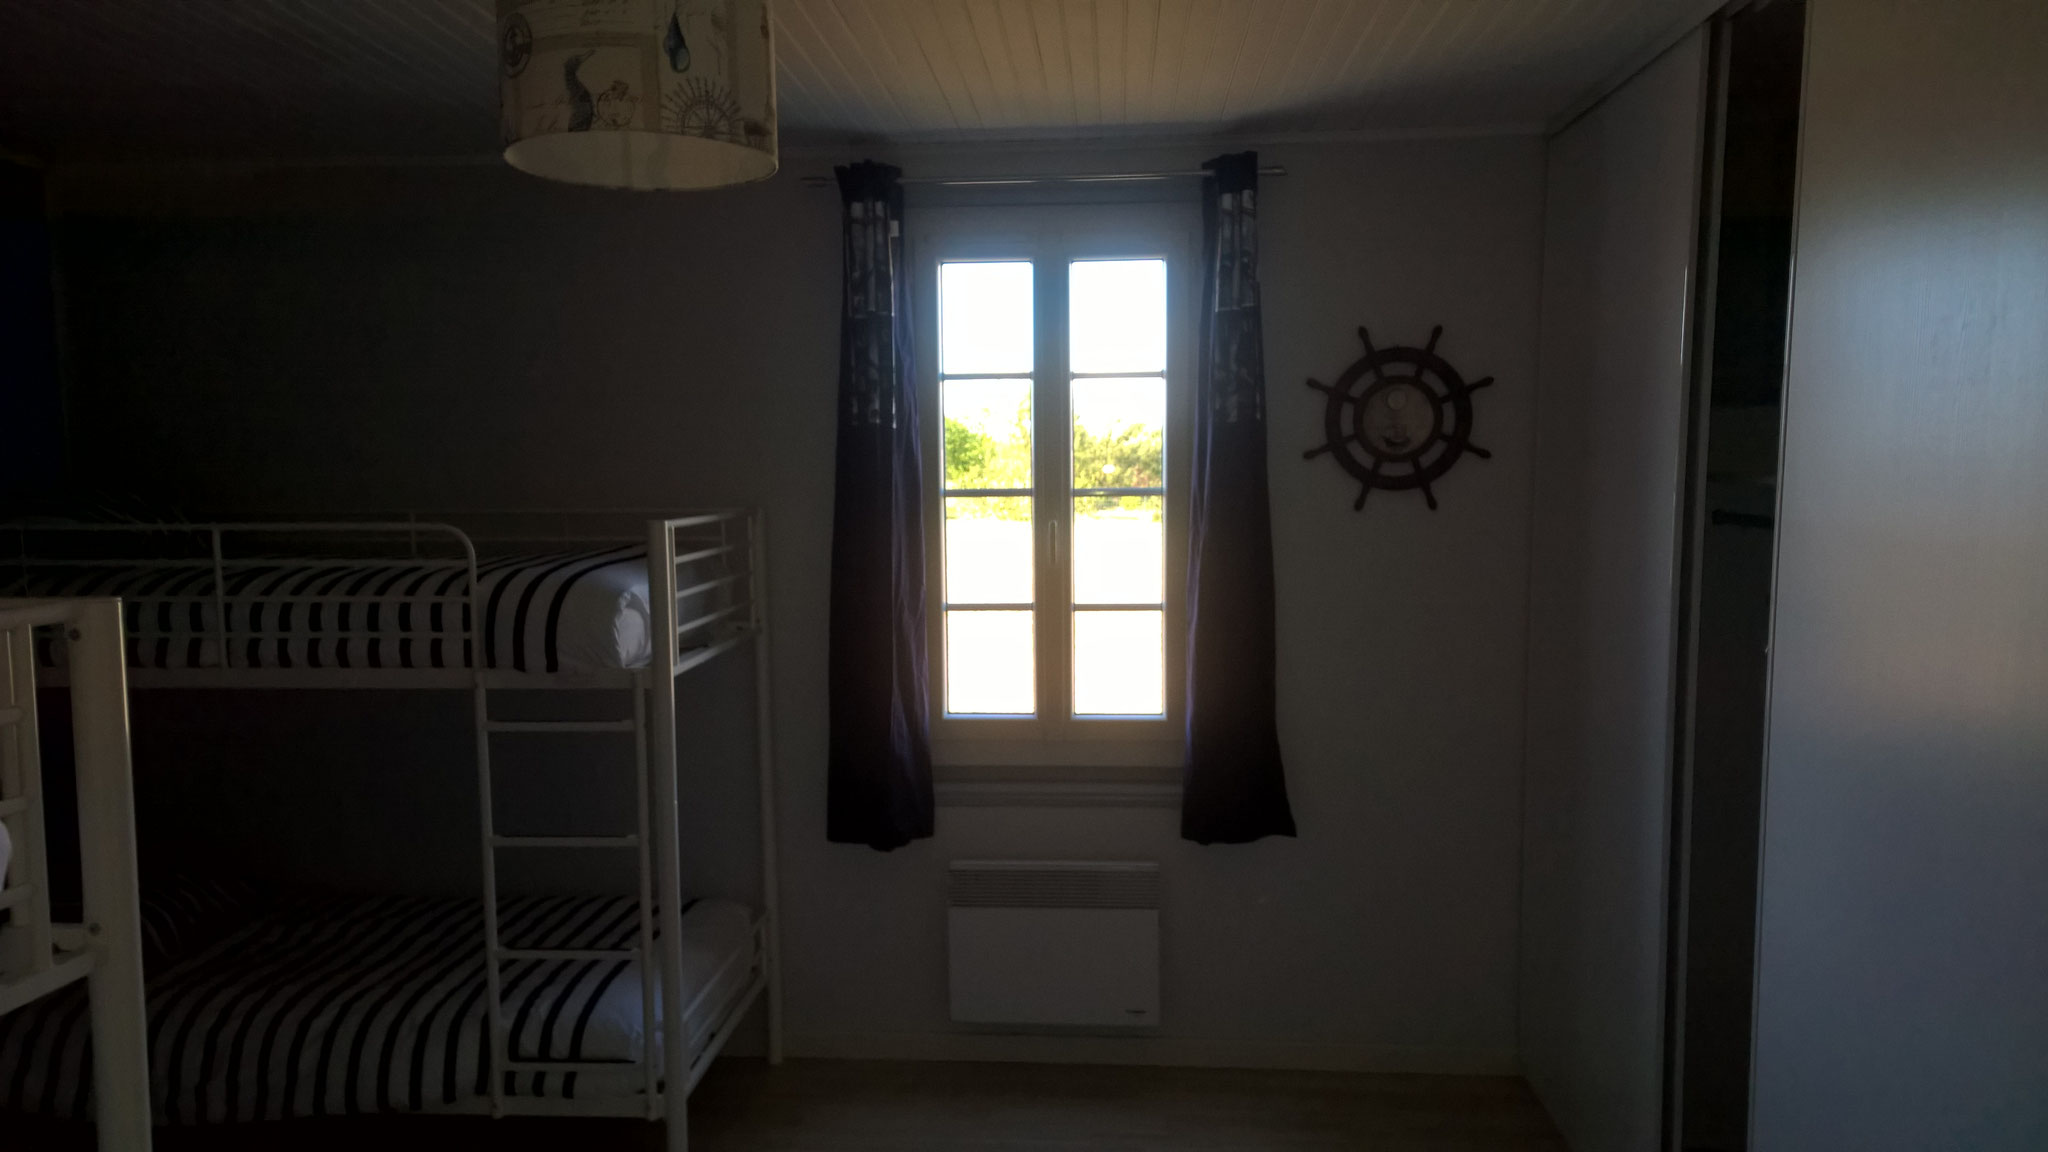 La résinière - Chambre bleue fenêtre